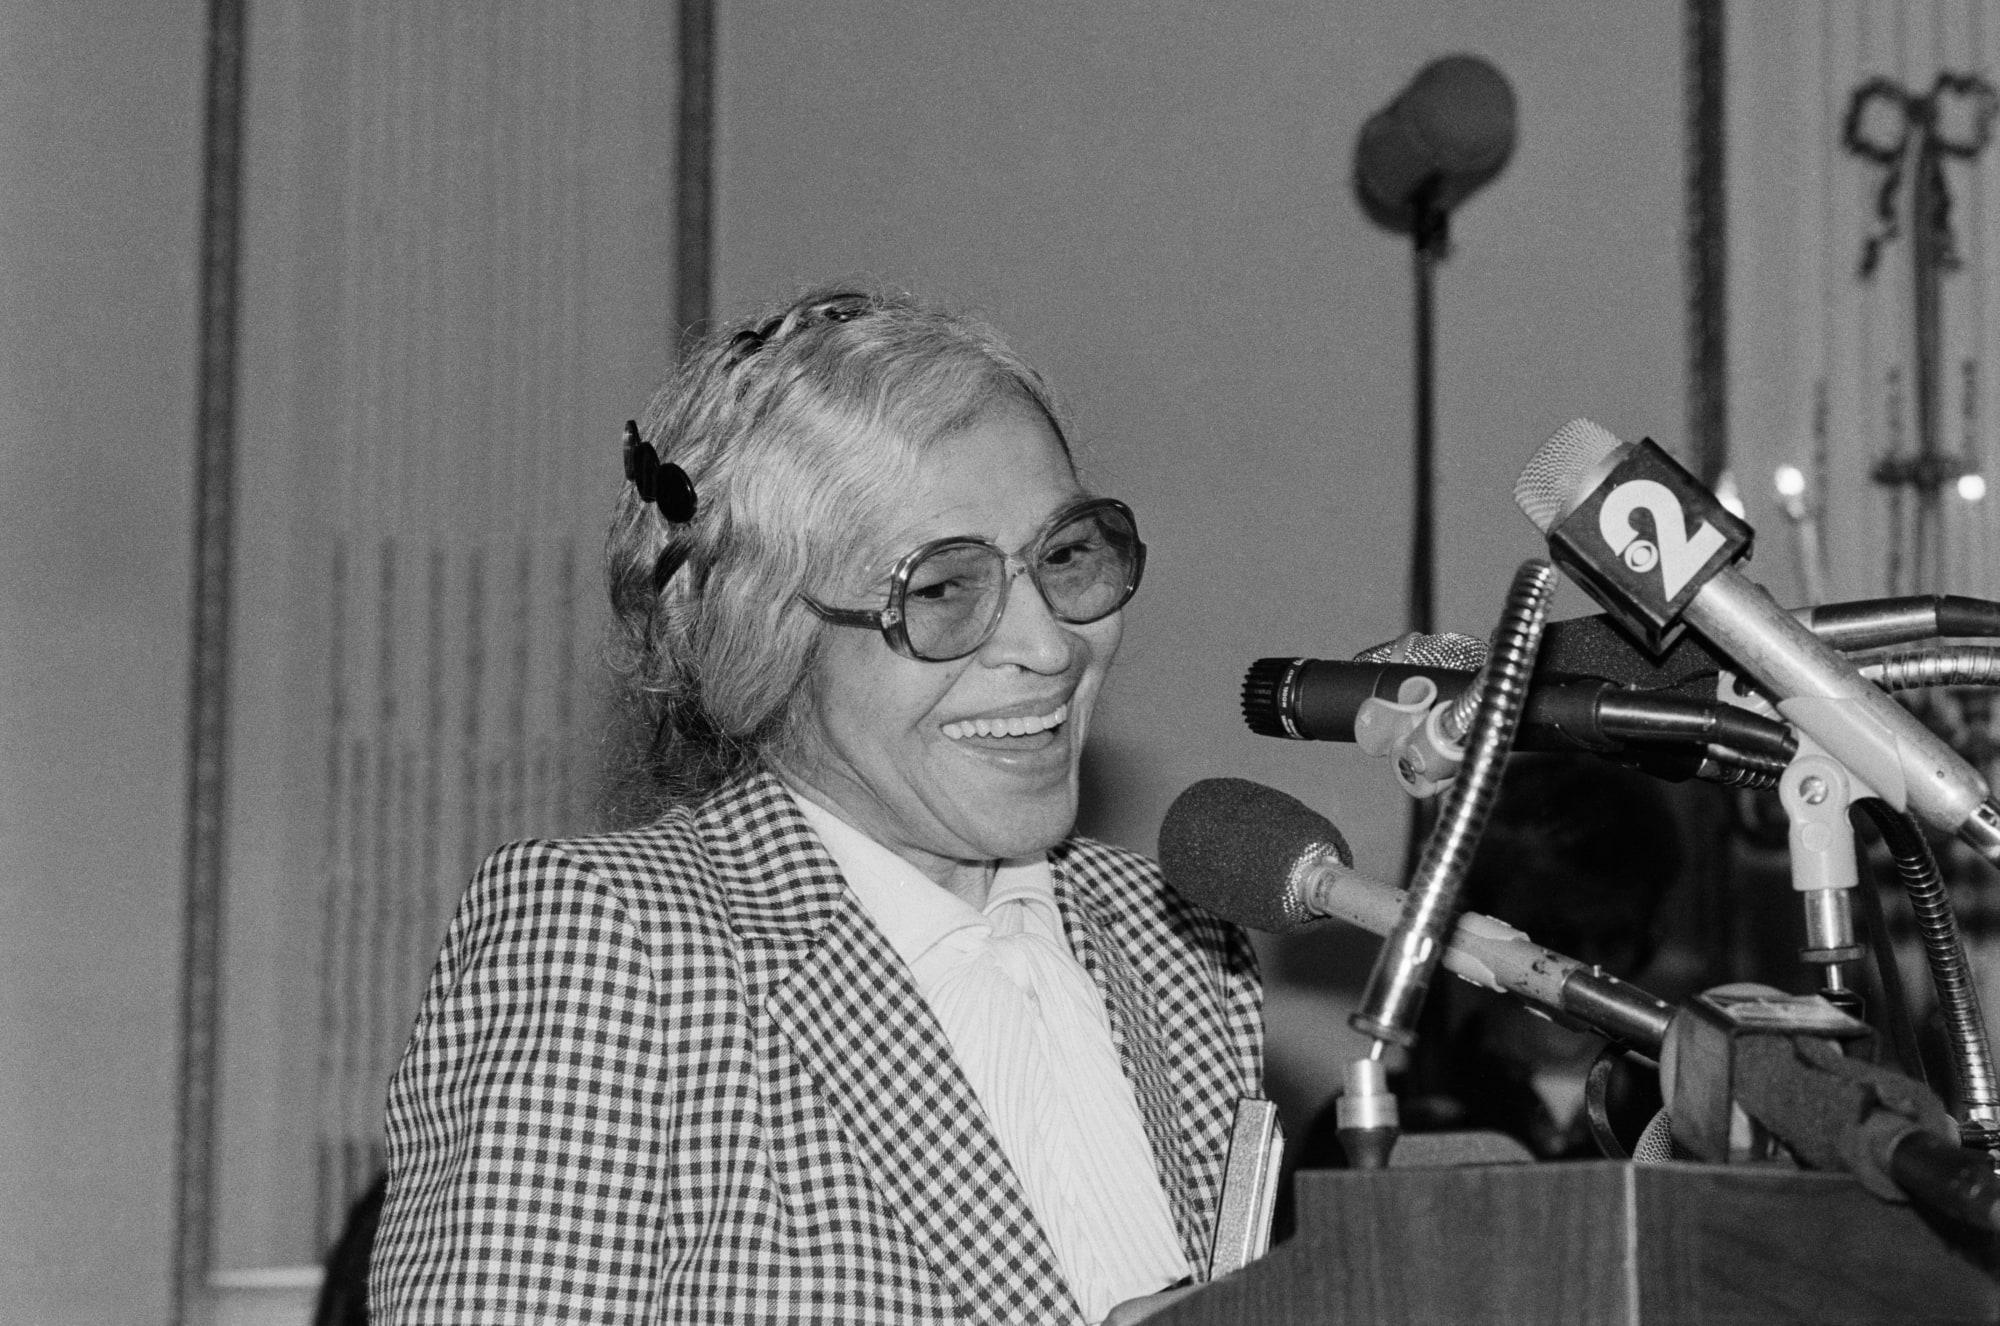 Rosa Parks, Activist